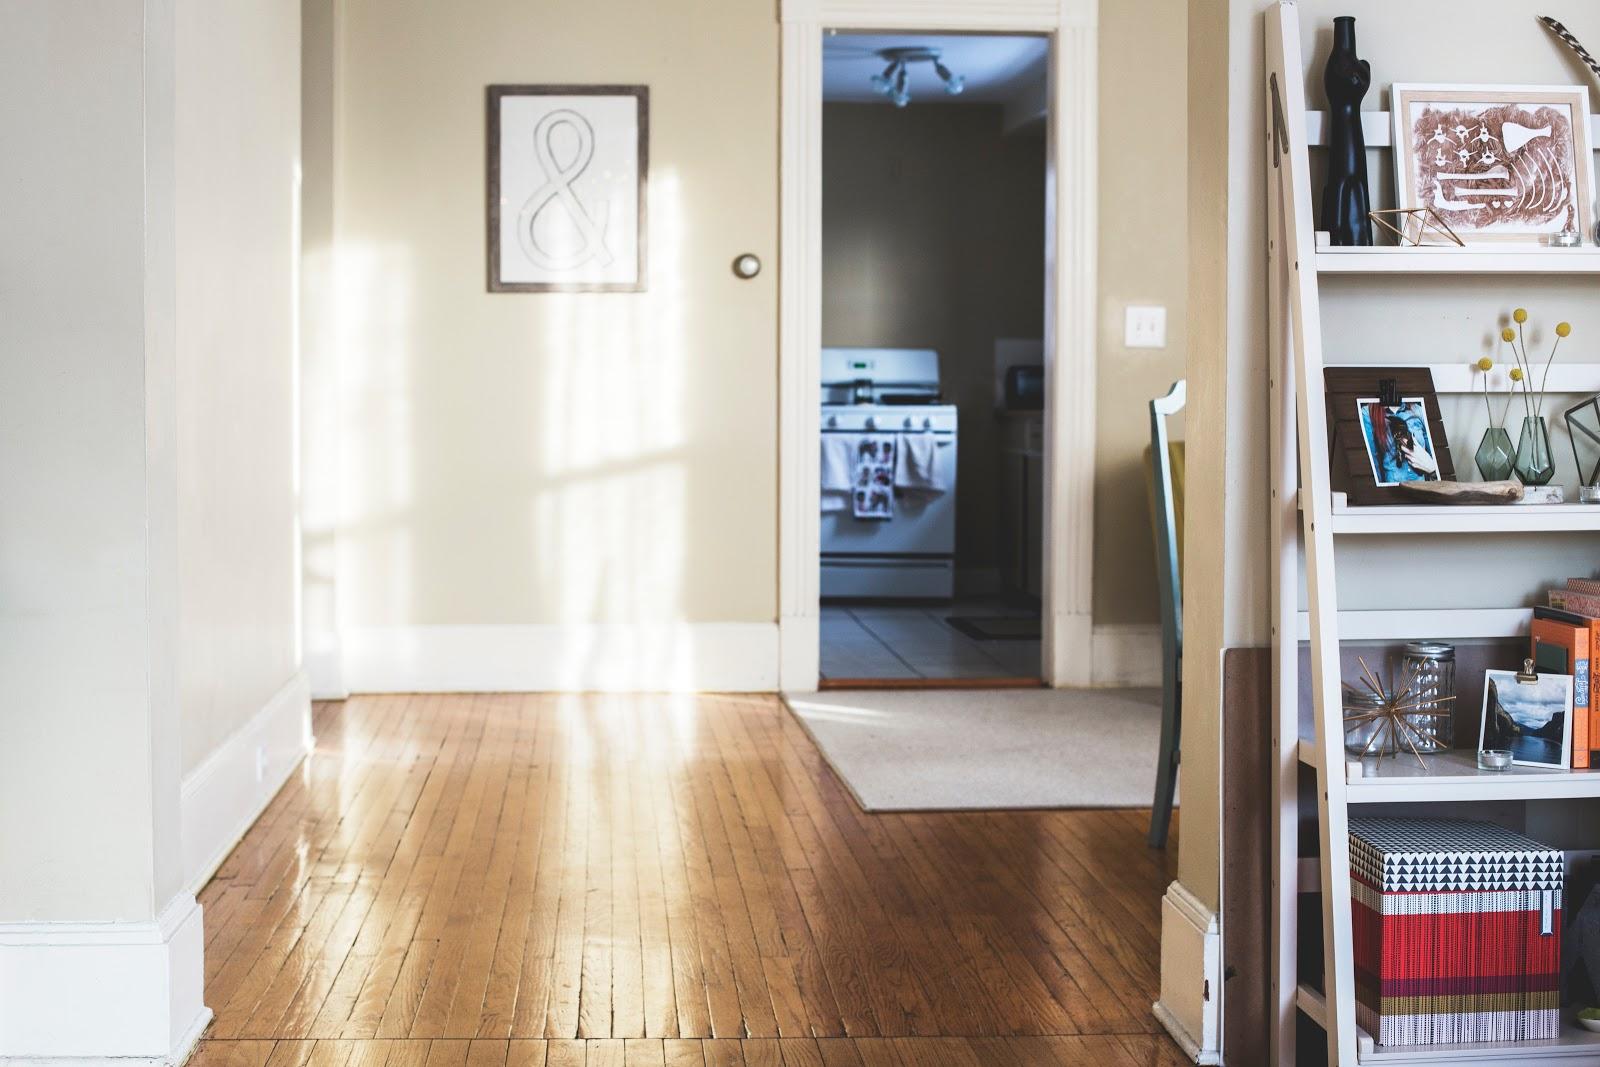 Home hardwood floor light in